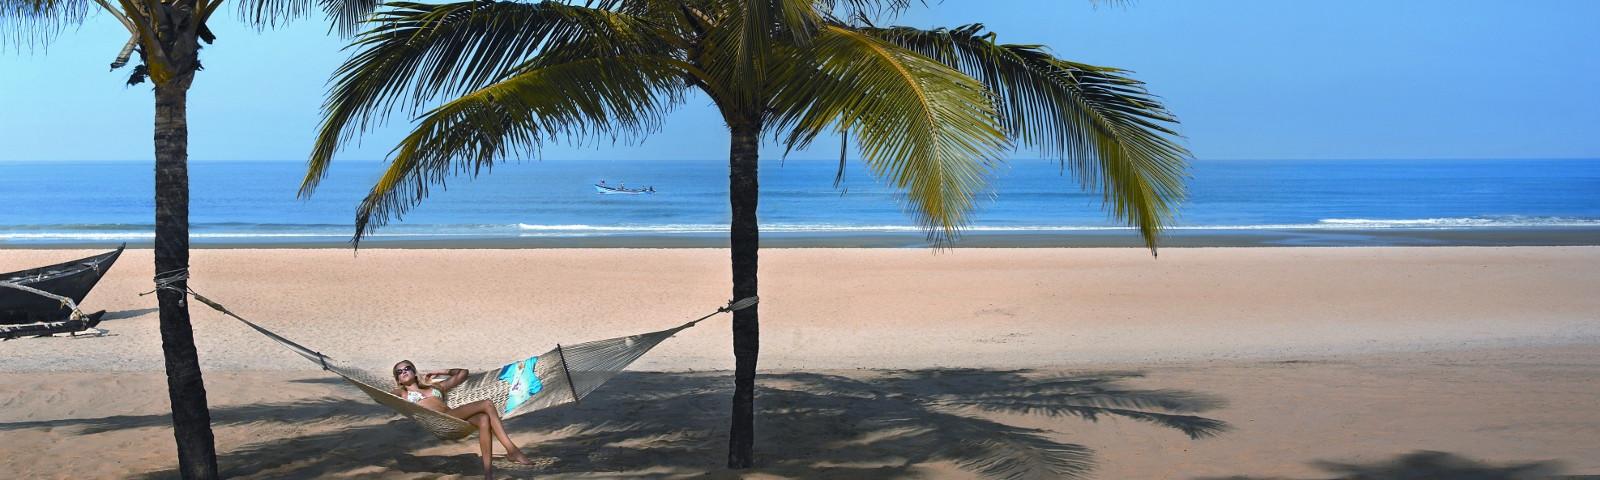 Zu den schönsten Sehenswürdigkeiten in Goa zählen die traumhaften Strände